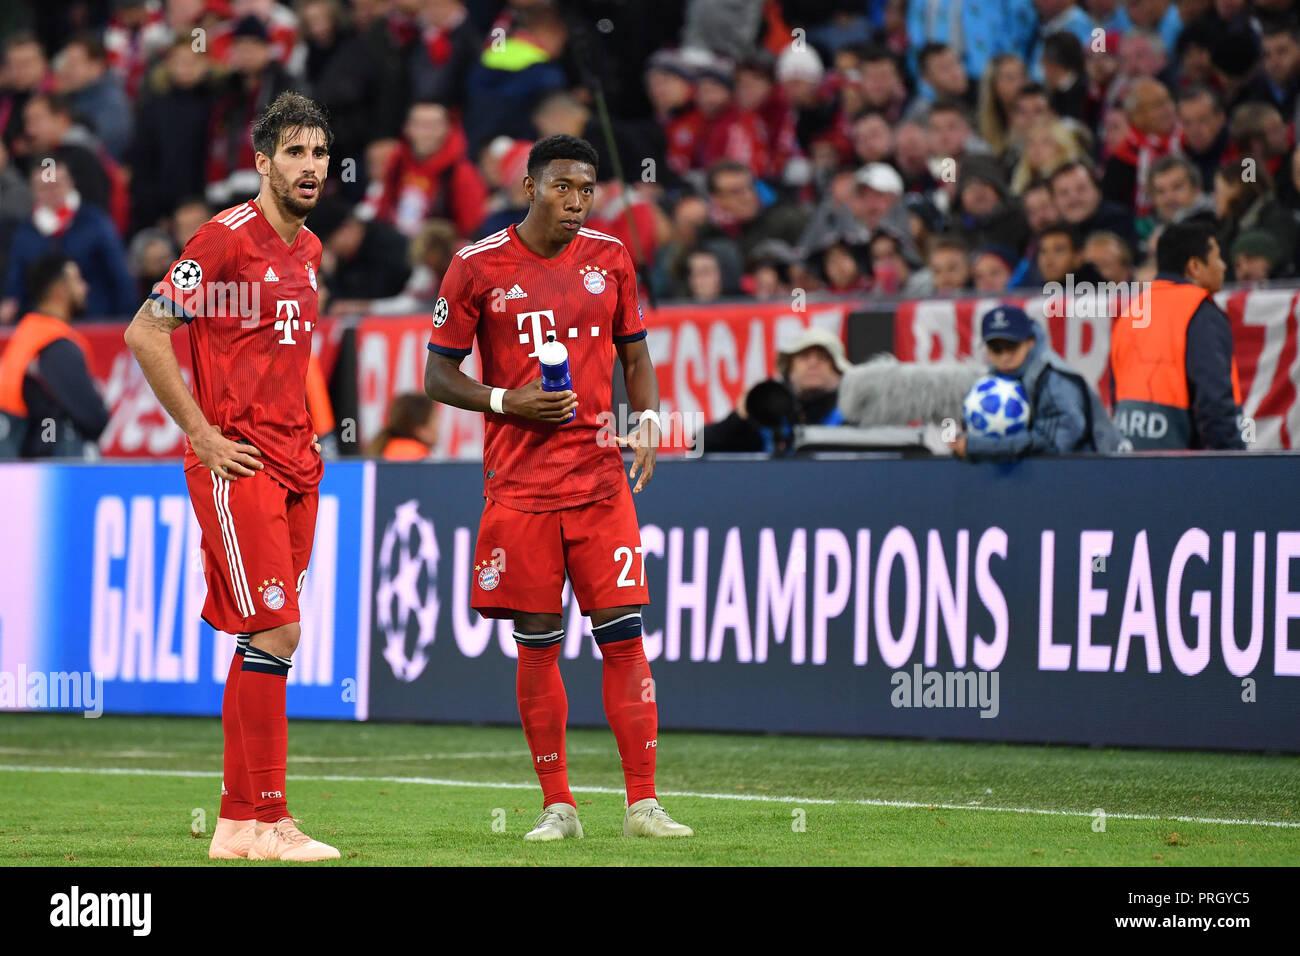 v.li: Javi (Javier) MARTINEZ (Bayern Munich), David ALABA (FC Bayern  Munich), action. FC Bayern Munich-Ajax Amsterdam 1-1, Soccer Champions  League, Group E, ...